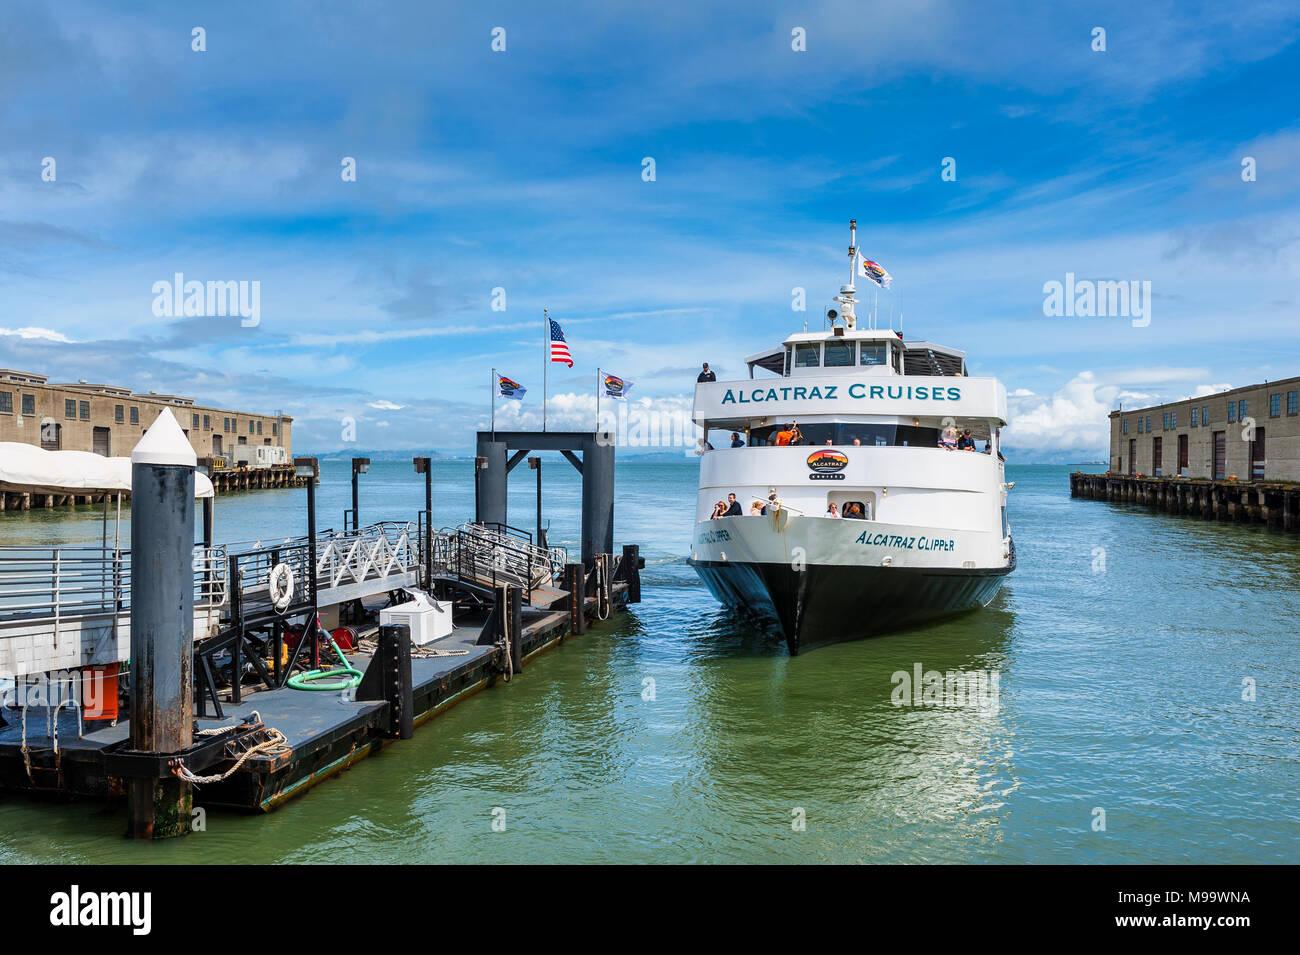 Alcatraz Ferry cruceros en la Bahía de San Francisco, California, EE.UU. Imagen De Stock